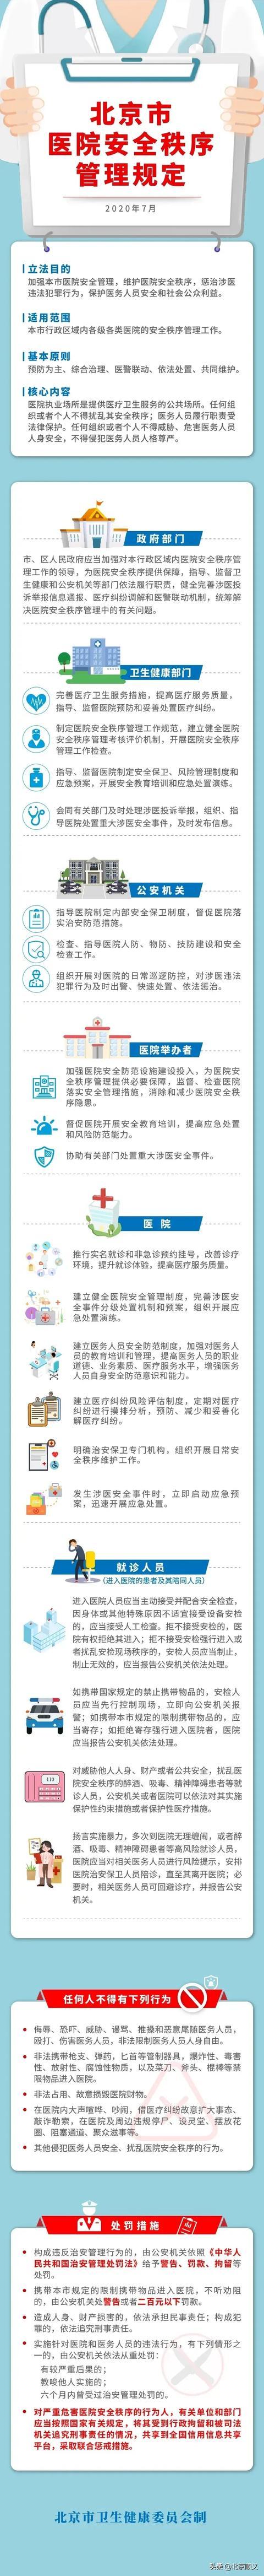 一图读懂:北京市医院安全秩序管理规定!